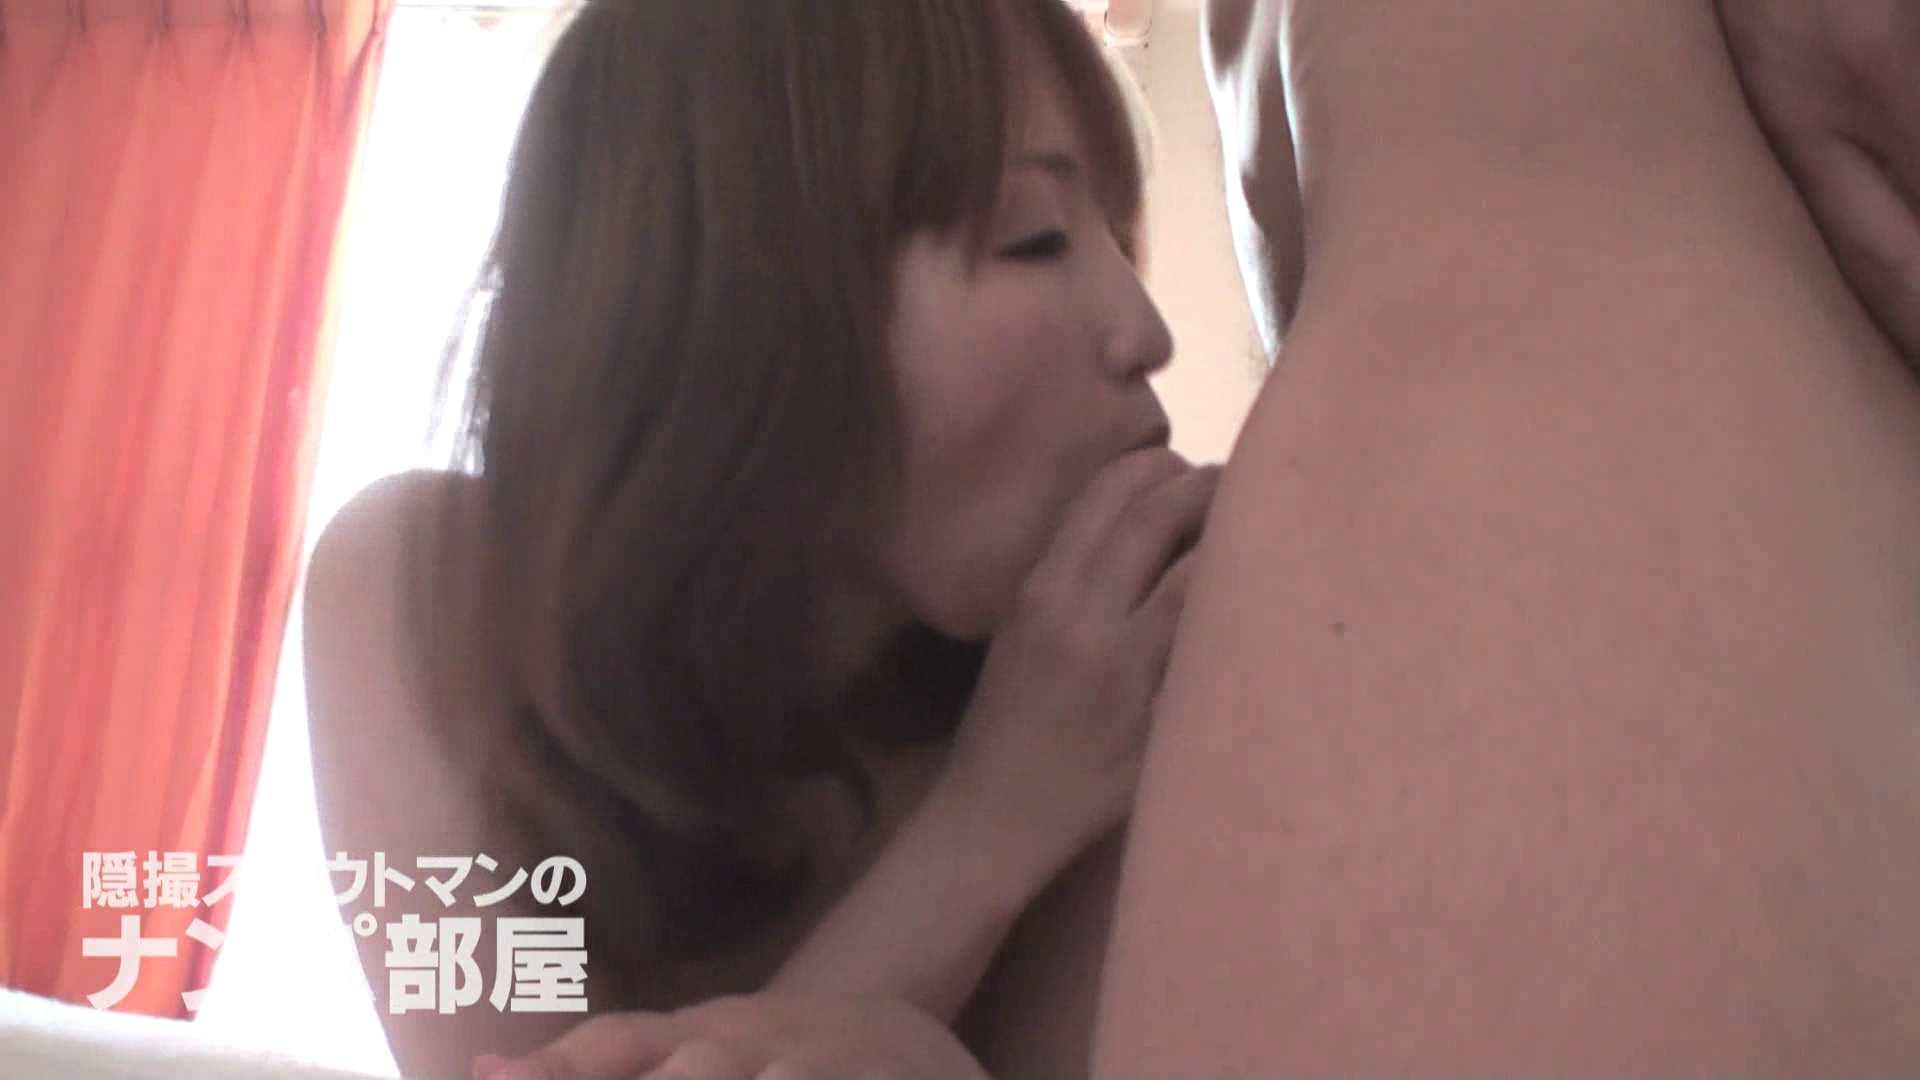 隠撮スカウトマンのナンパ部屋~風俗デビュー前のつまみ食い~ siivol.4 OLのエッチ 盗撮画像 91pic 62